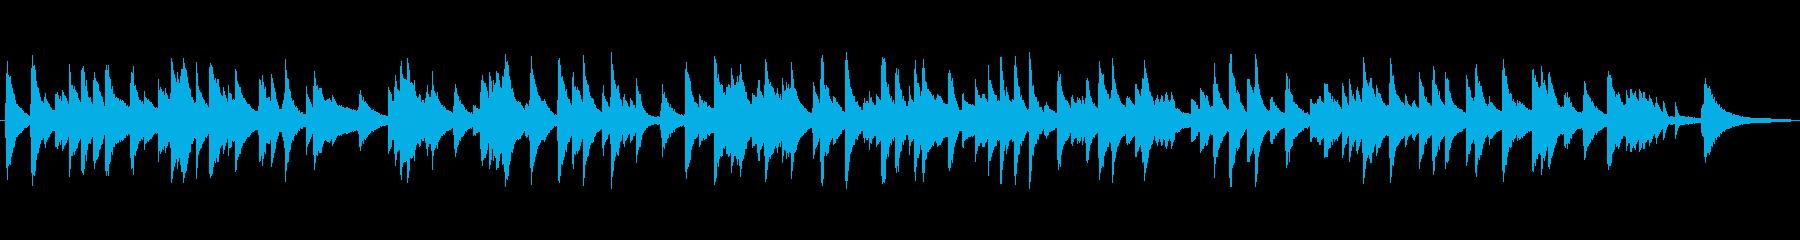 ゆっくり静かなジャズラウンジピアノソロの再生済みの波形